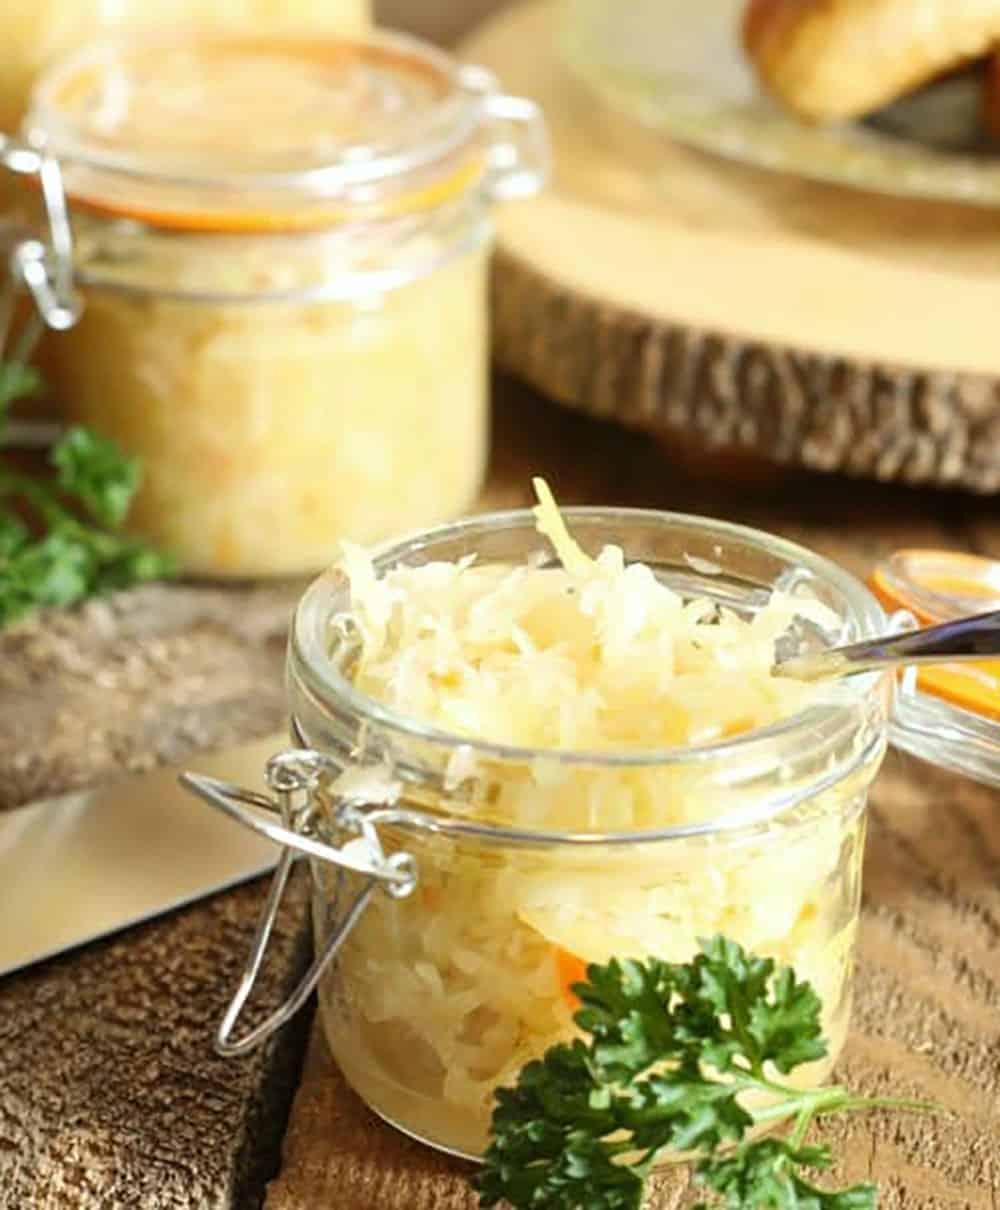 The Best German Sauerkraut Recipe